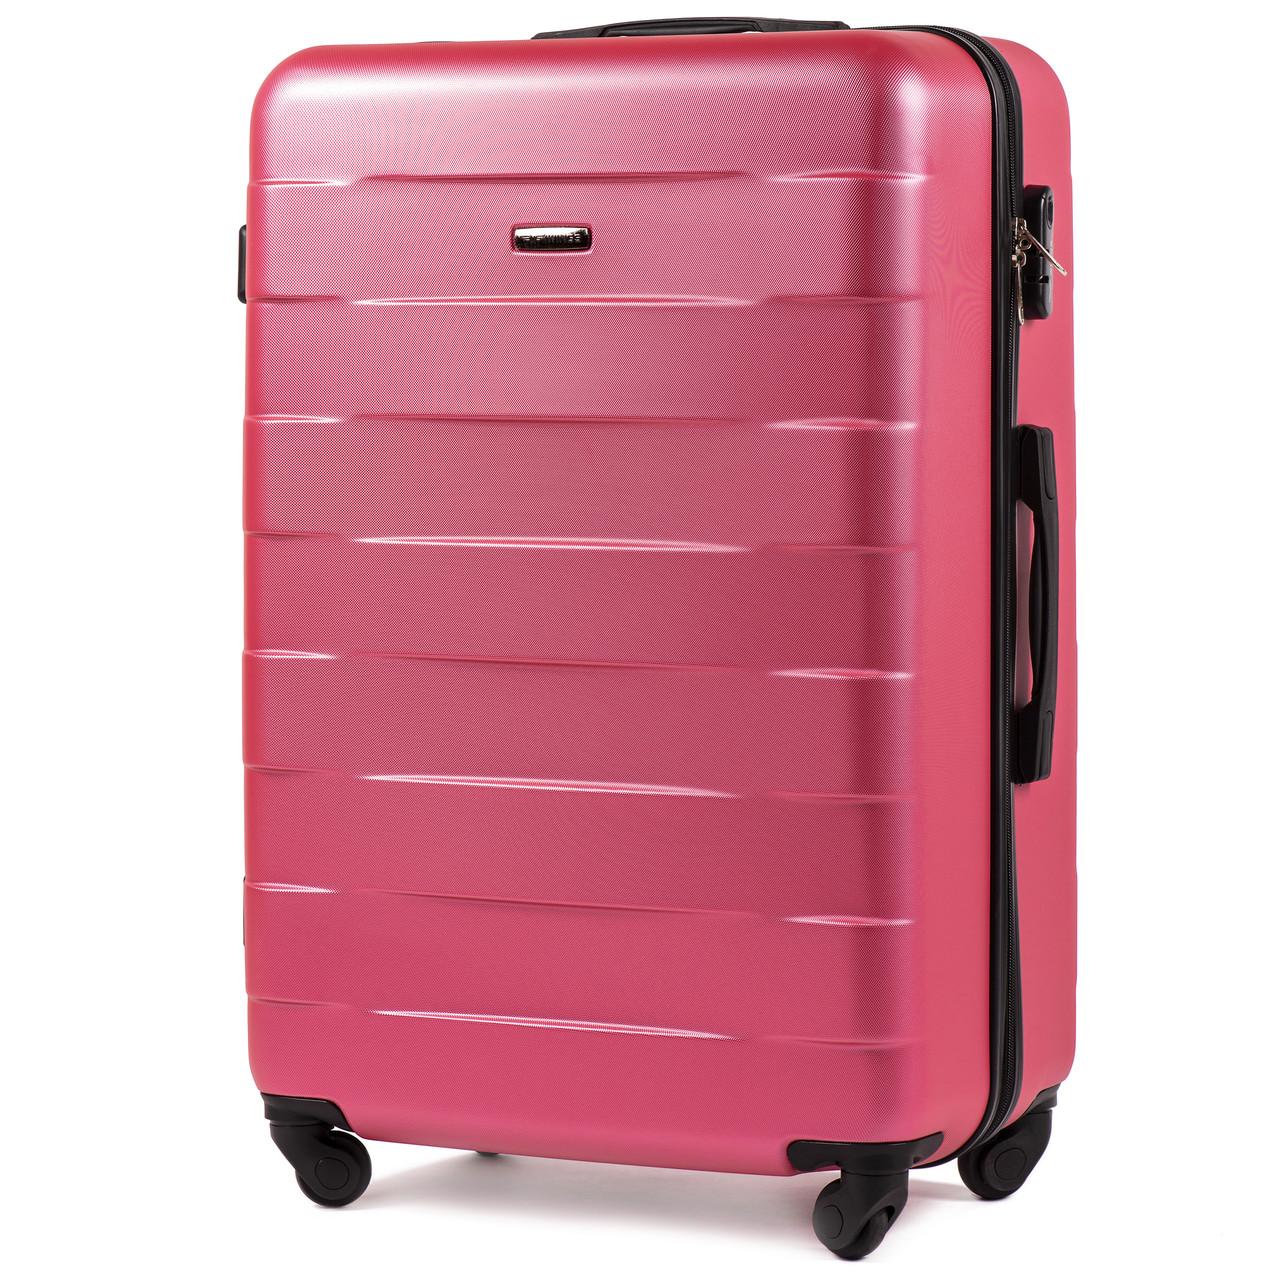 Большой пластиковый чемодан Wings 401 на 4 колесах розовый, фото 1